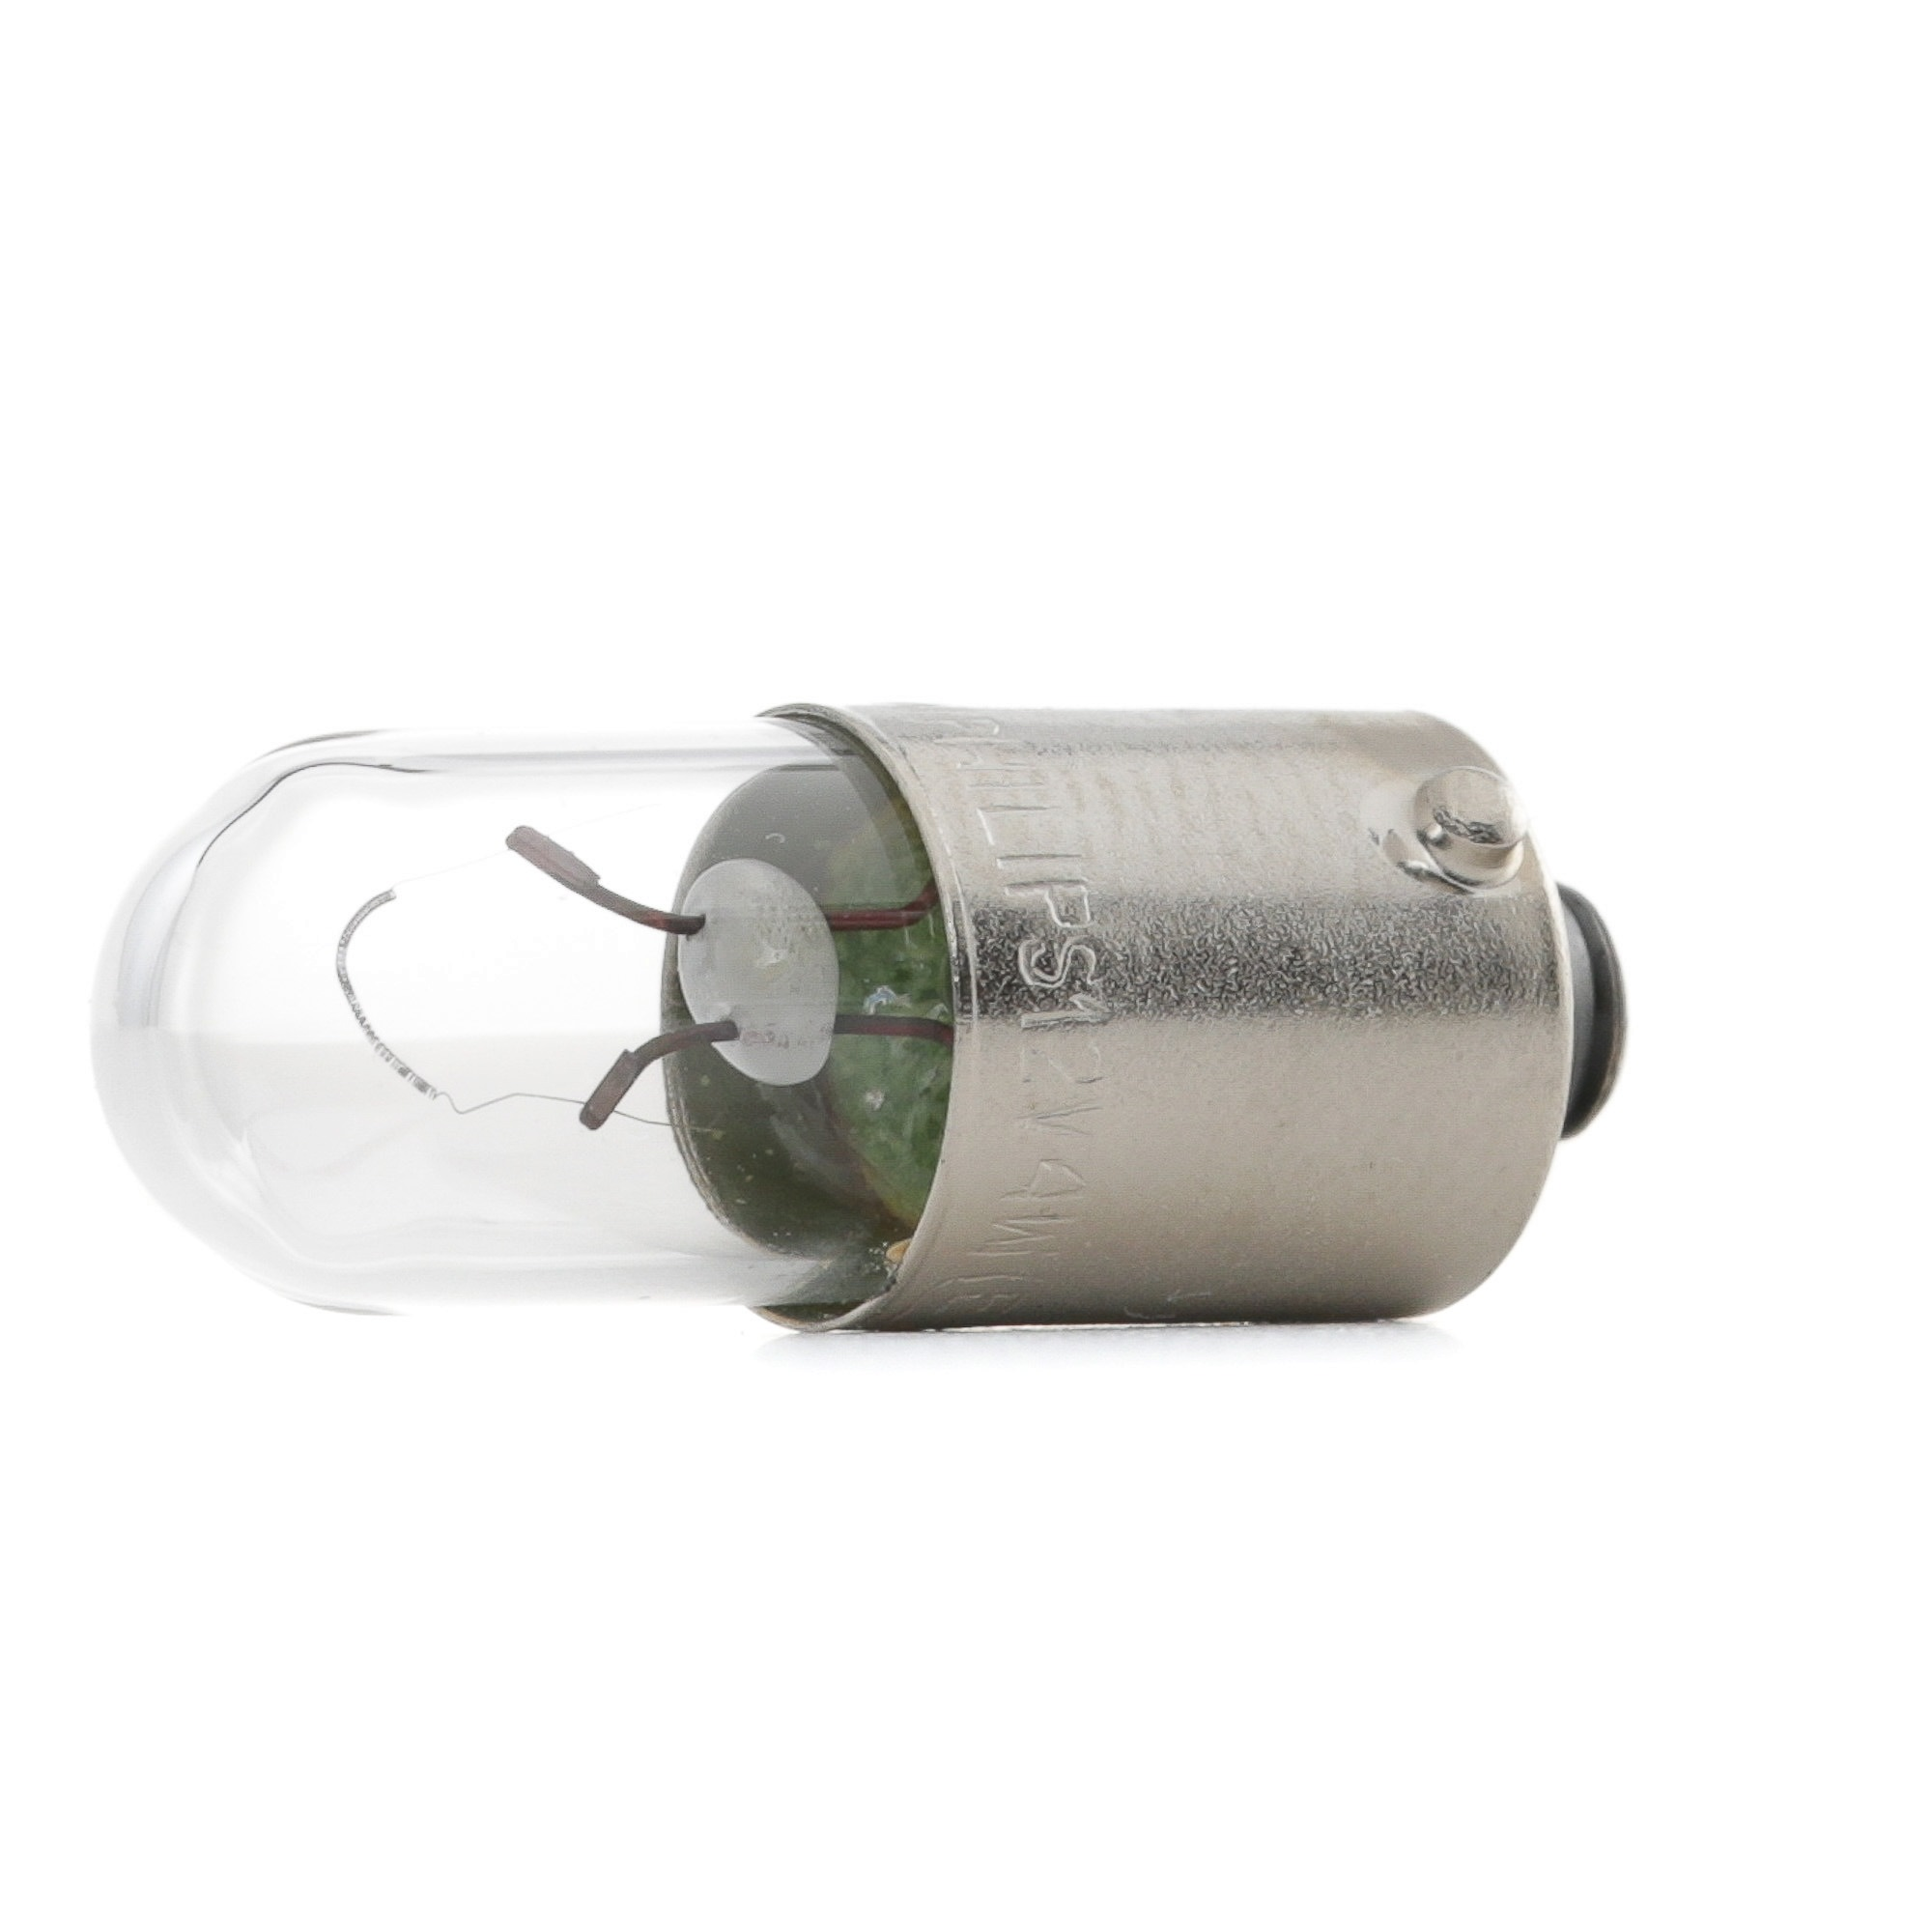 Glühlampe, Blinkleuchte PHILIPS 21979473 Bewertung